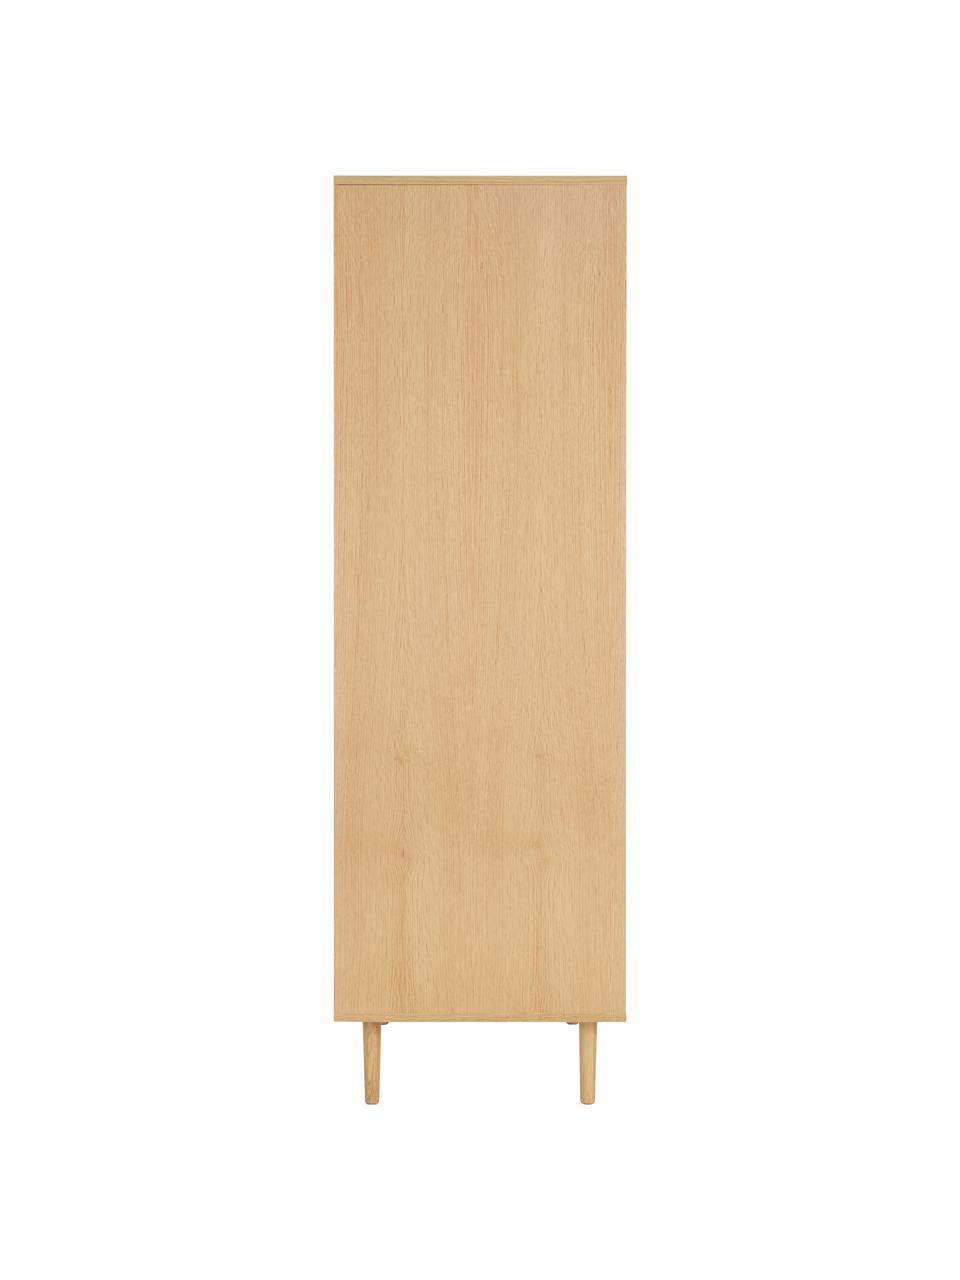 Kleiderschrank Aries in Eichenholzfarben, Gestell: Spanplatte mit Eichenholz, Beine: Massives Eichenholz, Wiener Geflecht: Zuckerrohr, Helles Holz, 100 x 194 cm